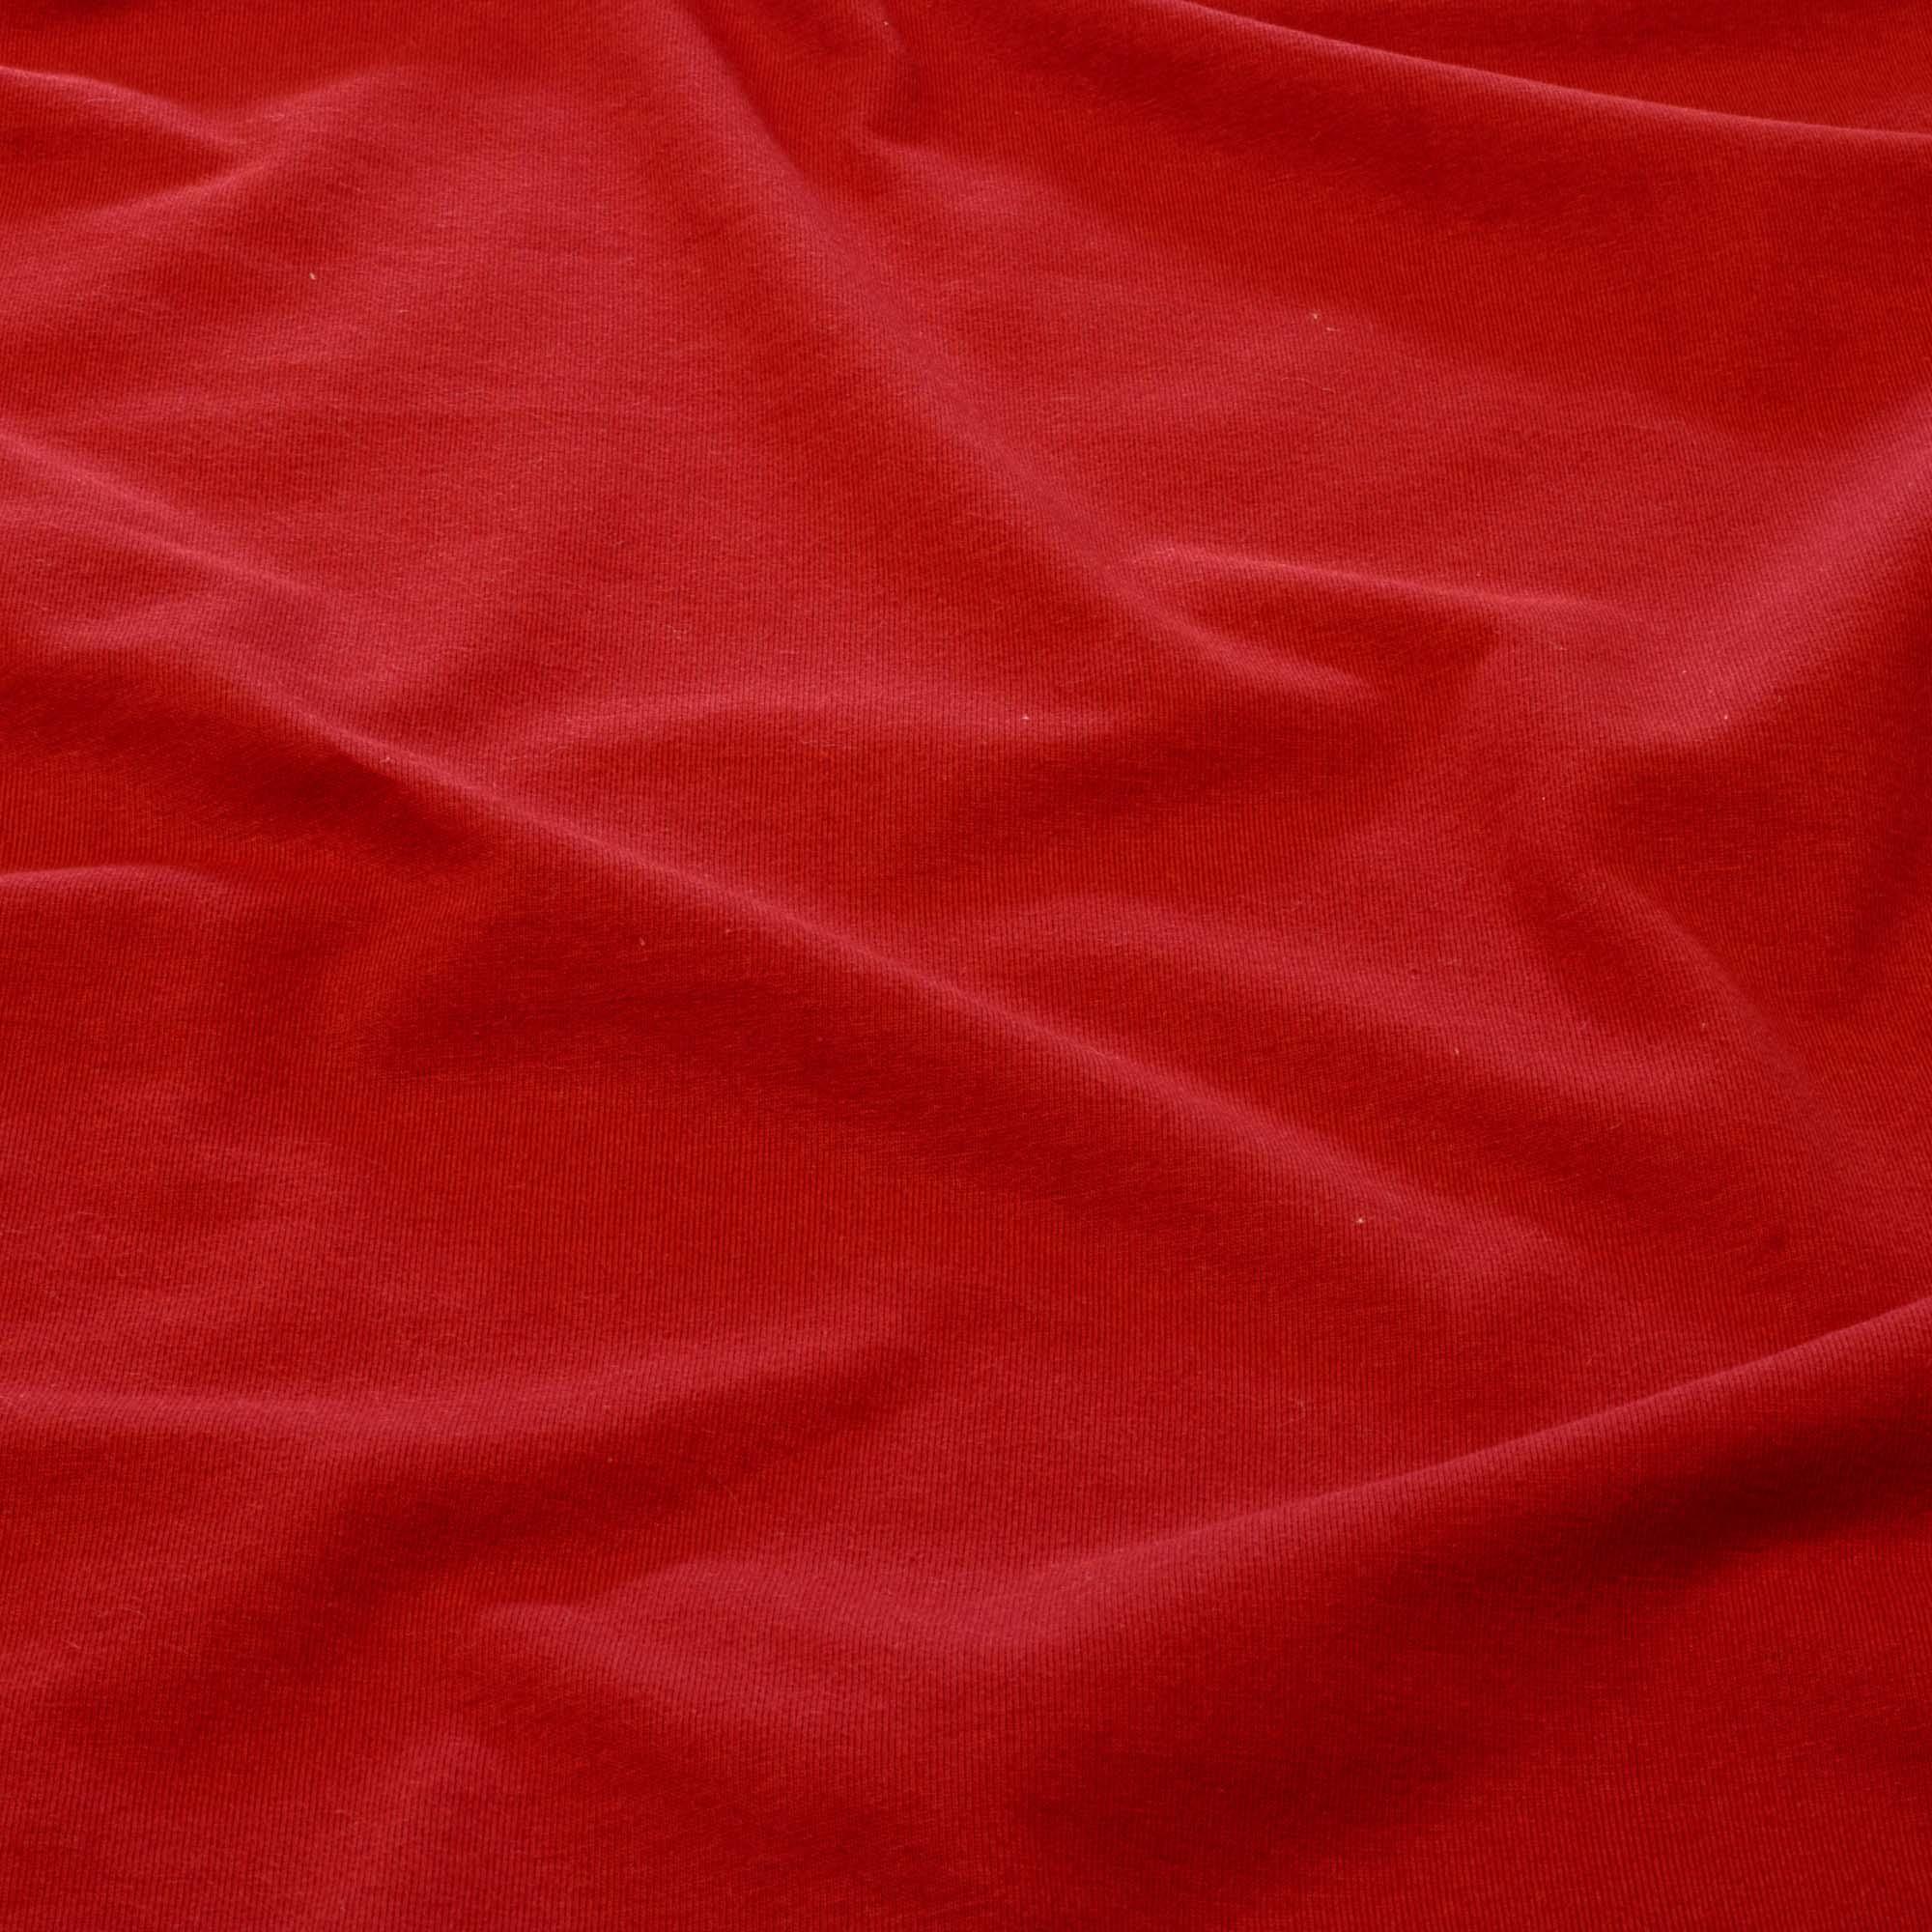 Tecido Malha de Algodão 100% Algodão 1,80 Mt Largura Vermelho